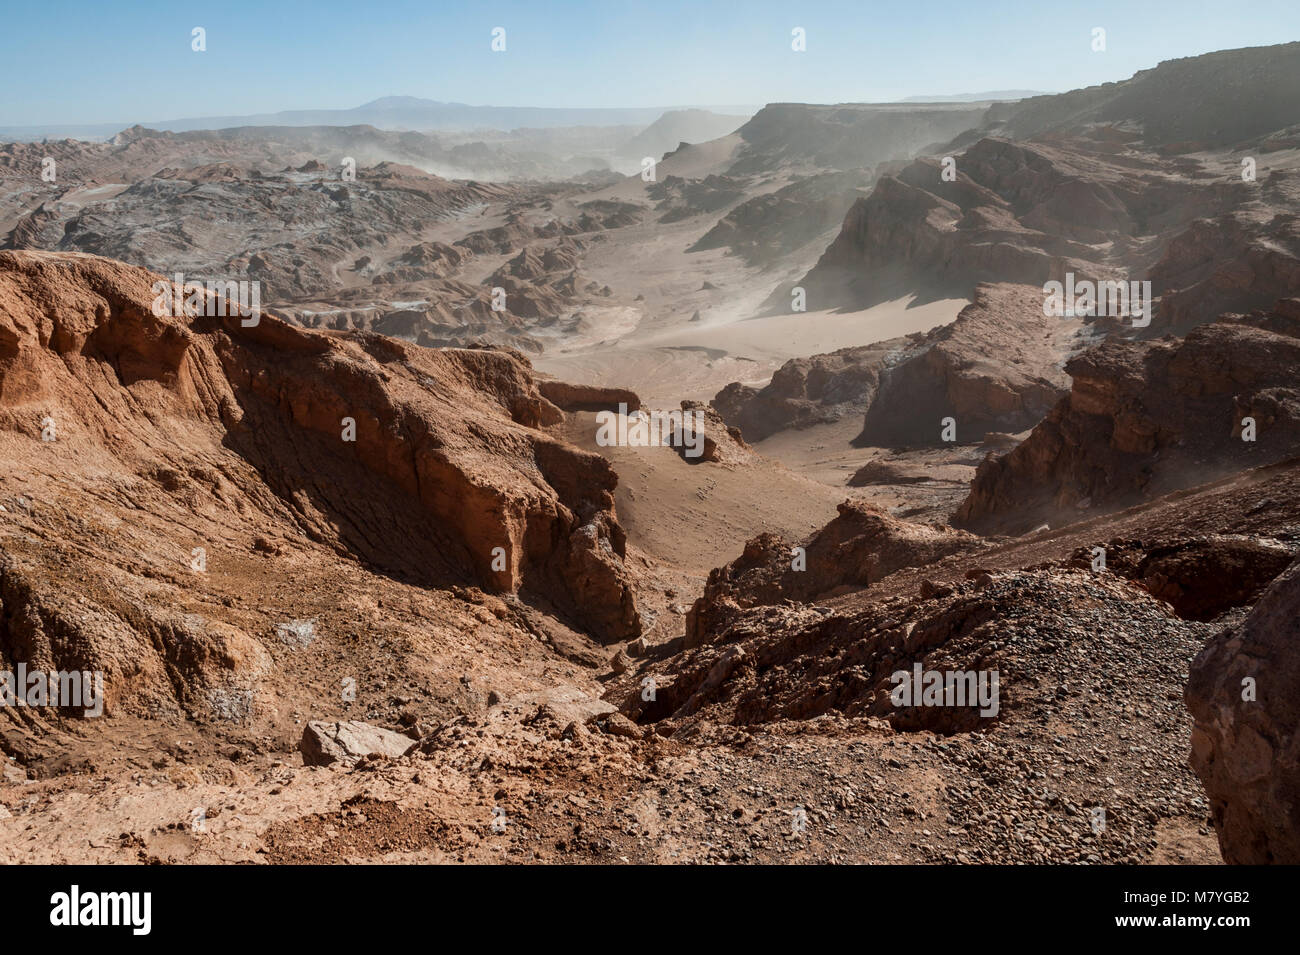 Vue de la Cordillera de la Sal, sel blanc émergeant de la roche saline, montagnes dans le désert d'Atacama, Photo Stock